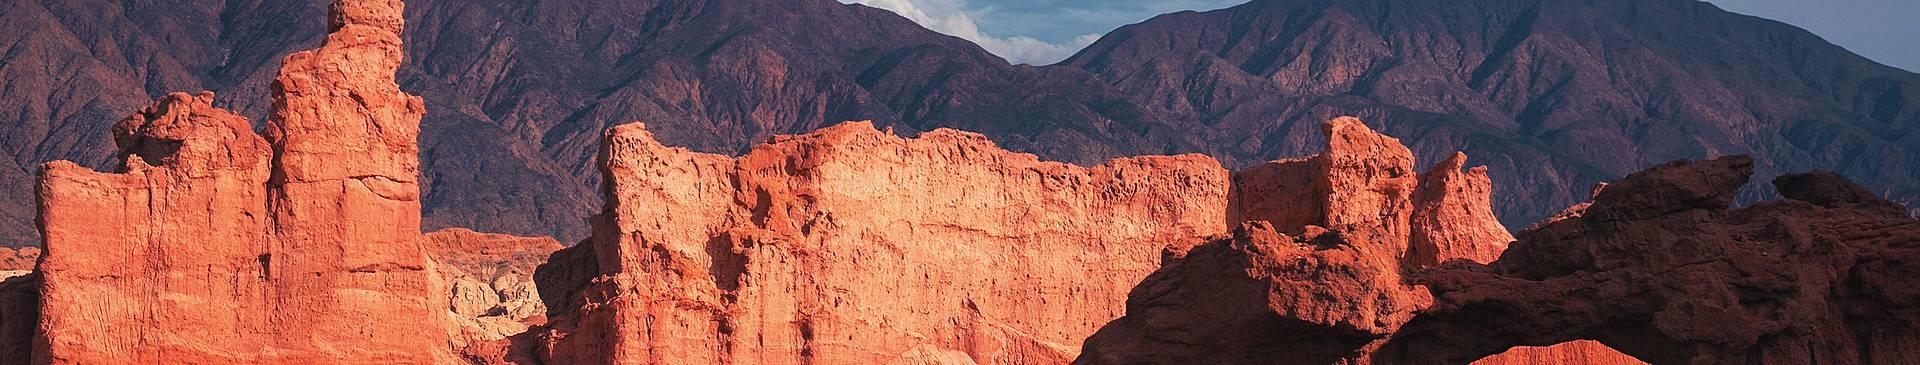 Naturreisen Argentinien